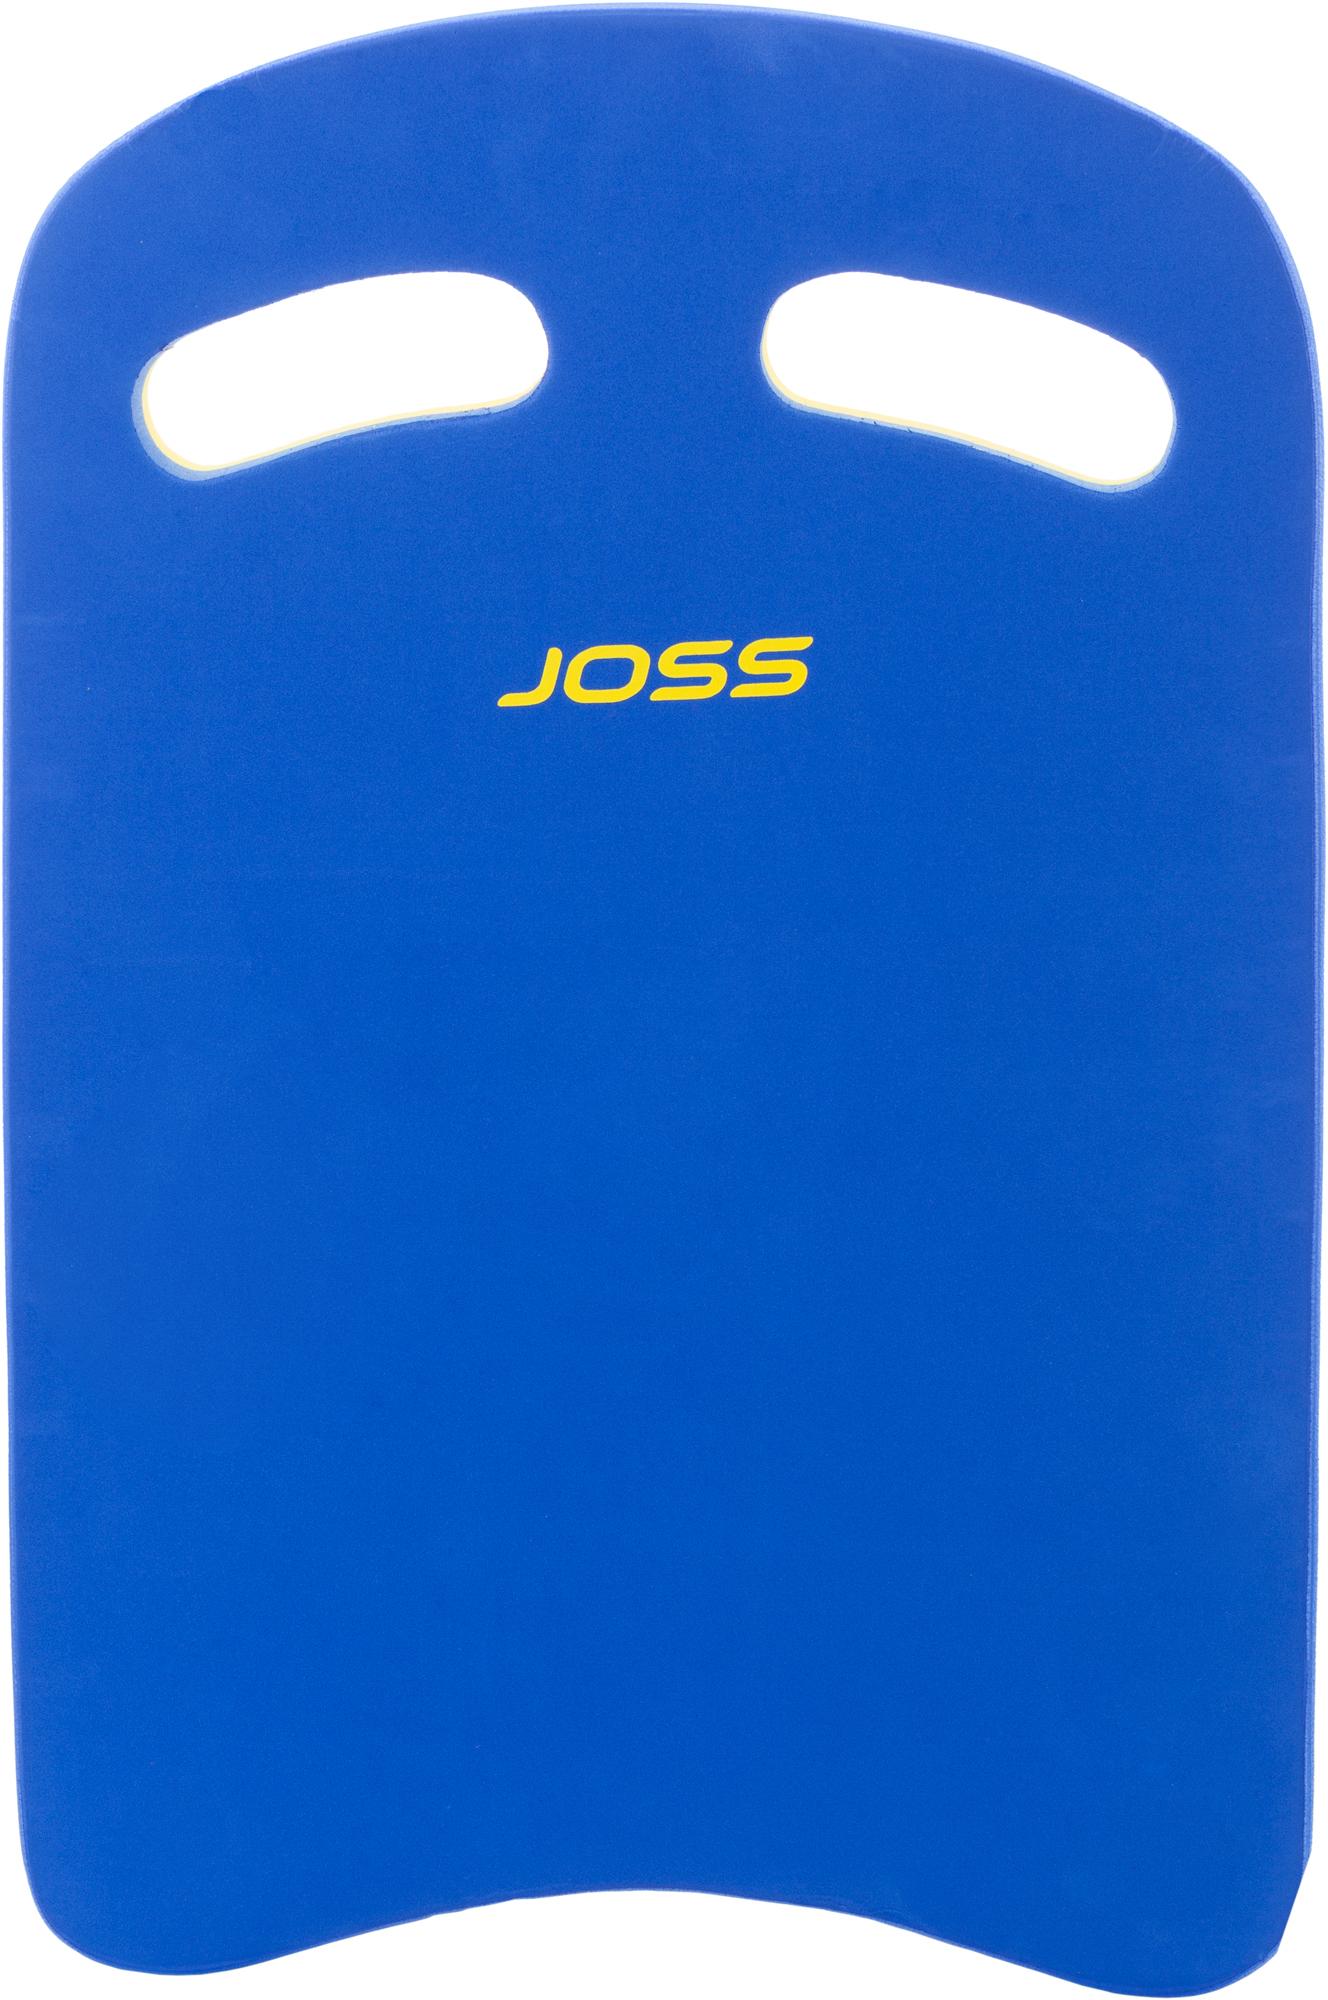 Joss Доска для плавания Joss